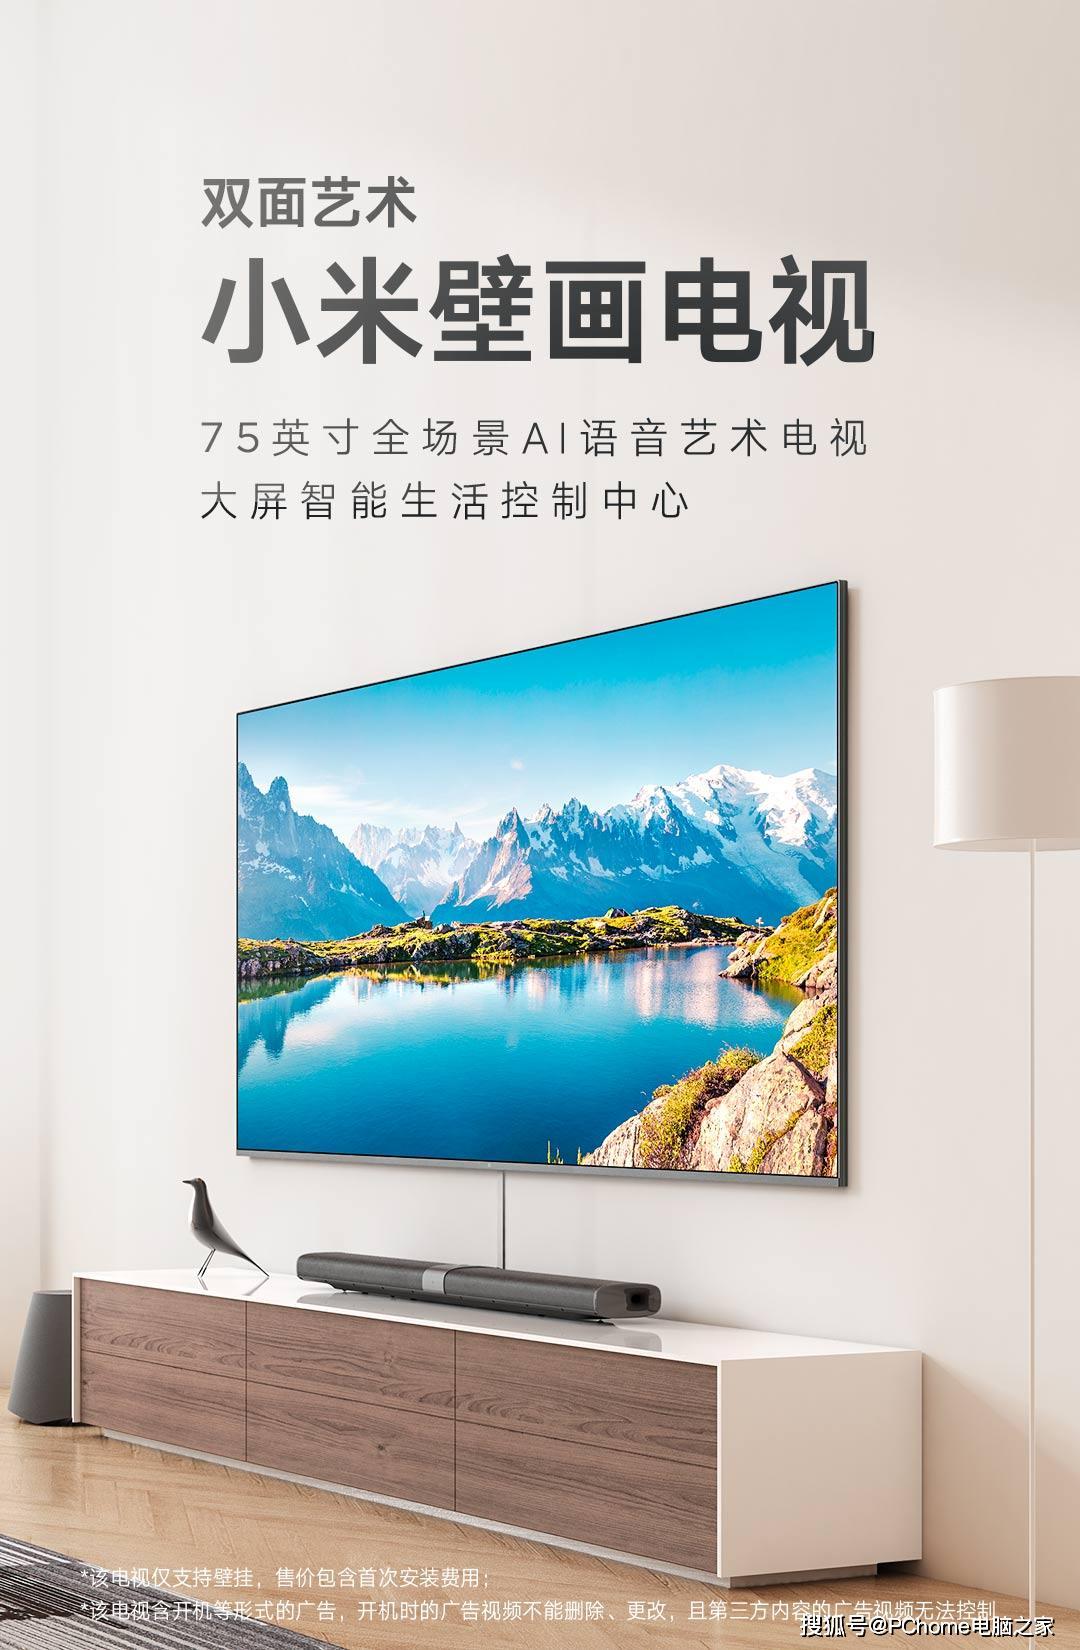 小米壁画电视75英寸今日开售 售价9999元